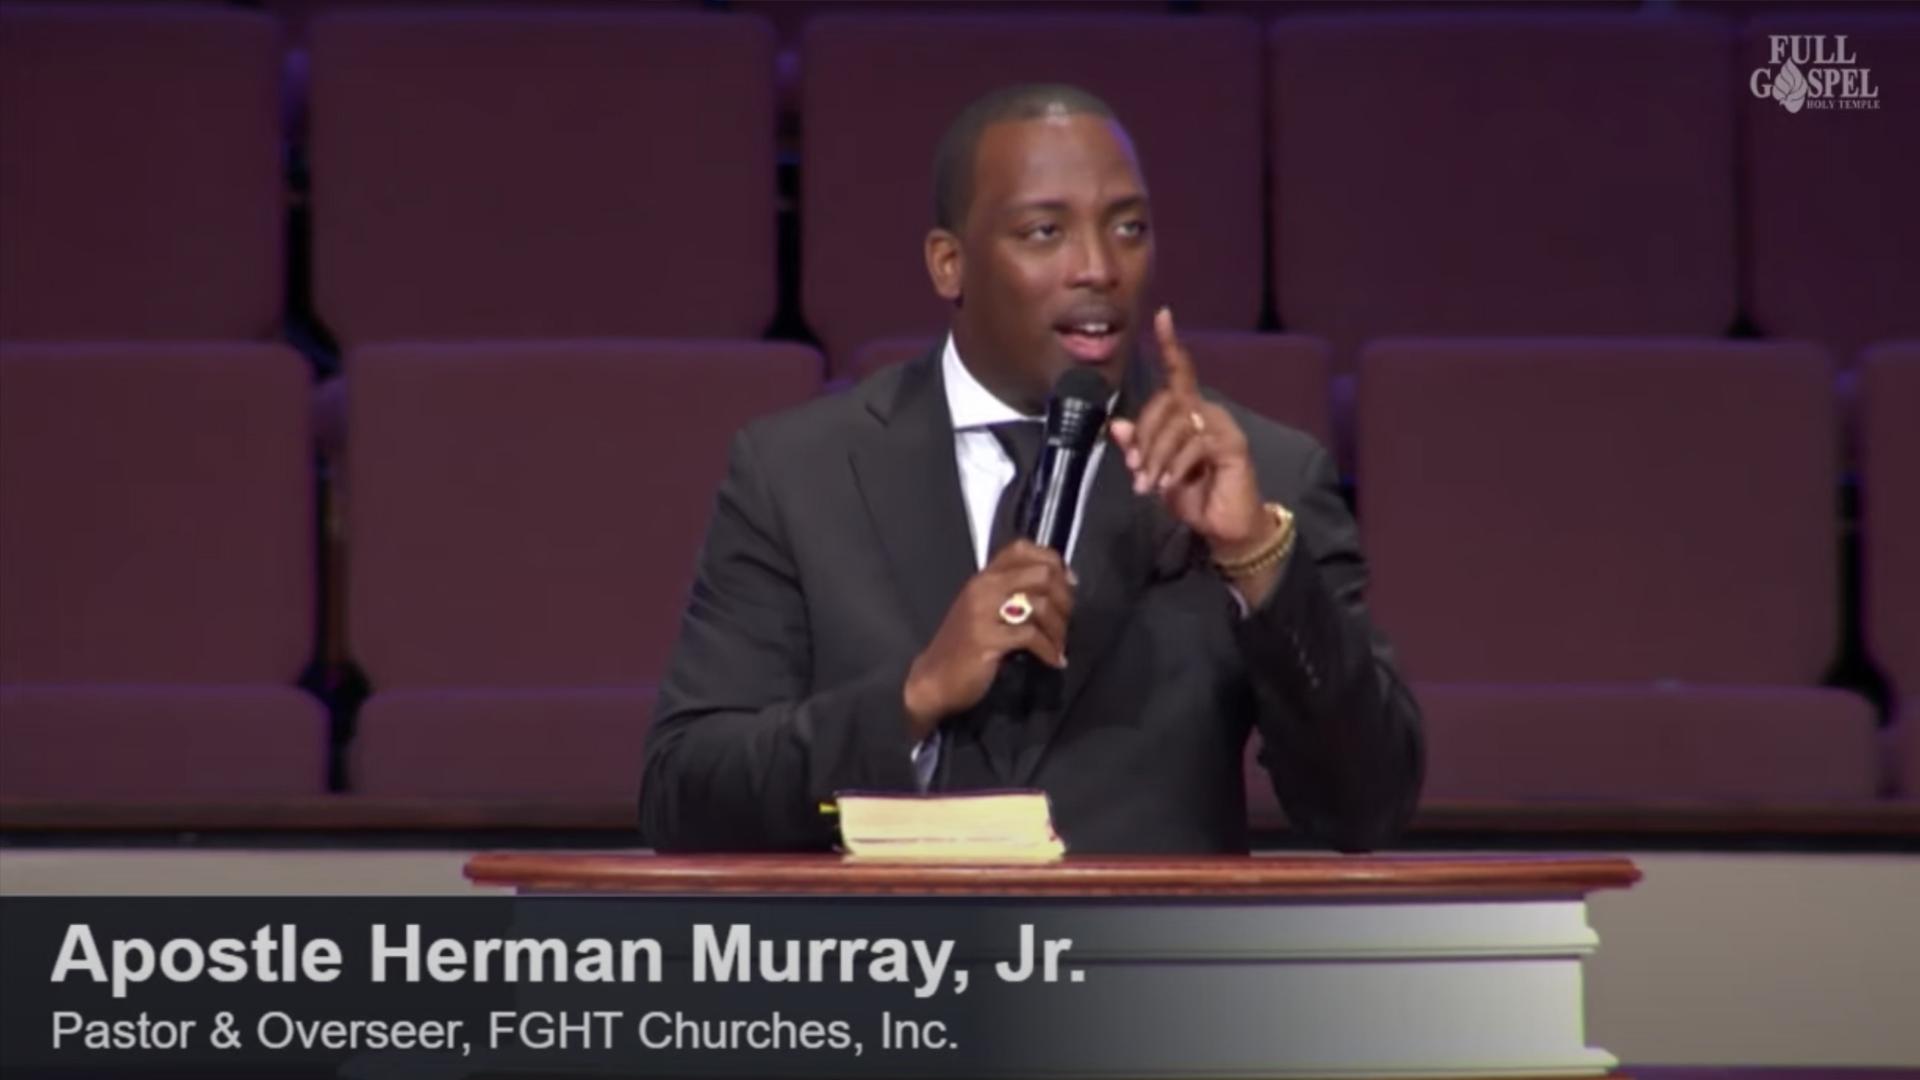 Apostle Herman L. Murray